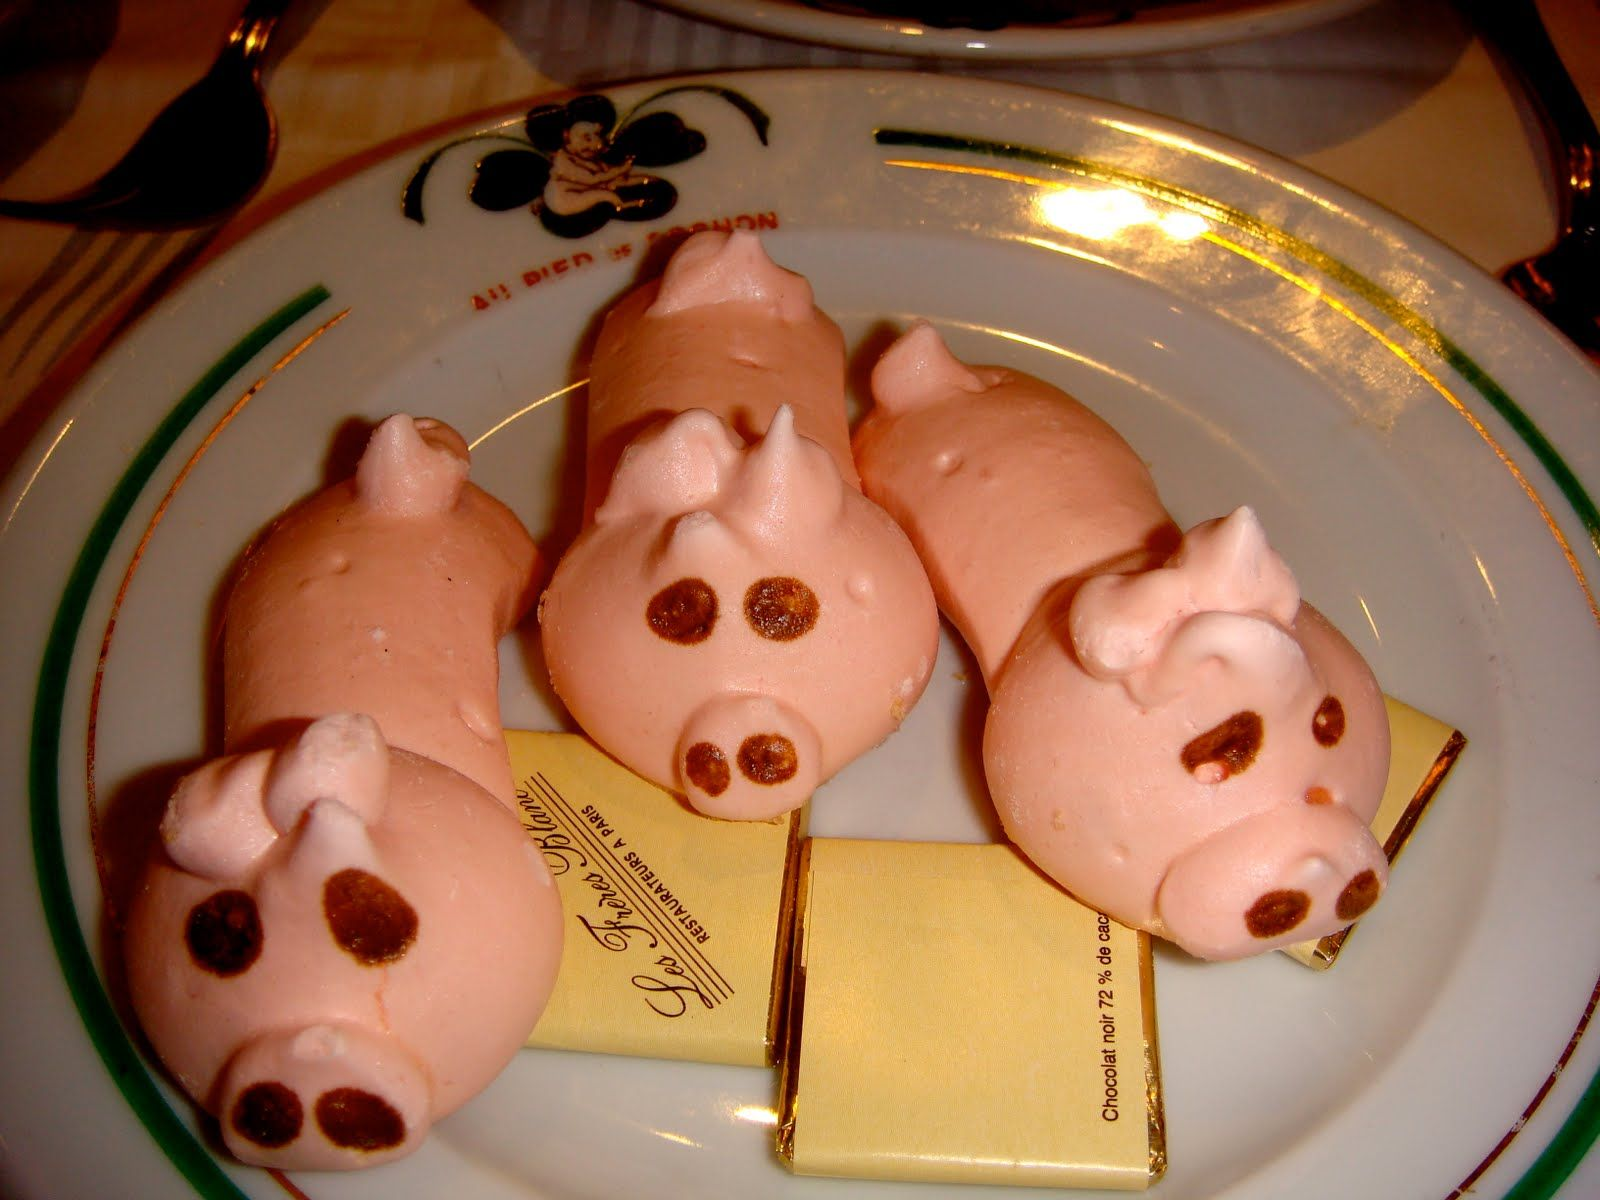 Au pied du cochon ©Lauren Wood Lauren Wood, Patisserie, Resep Pastry, Cake